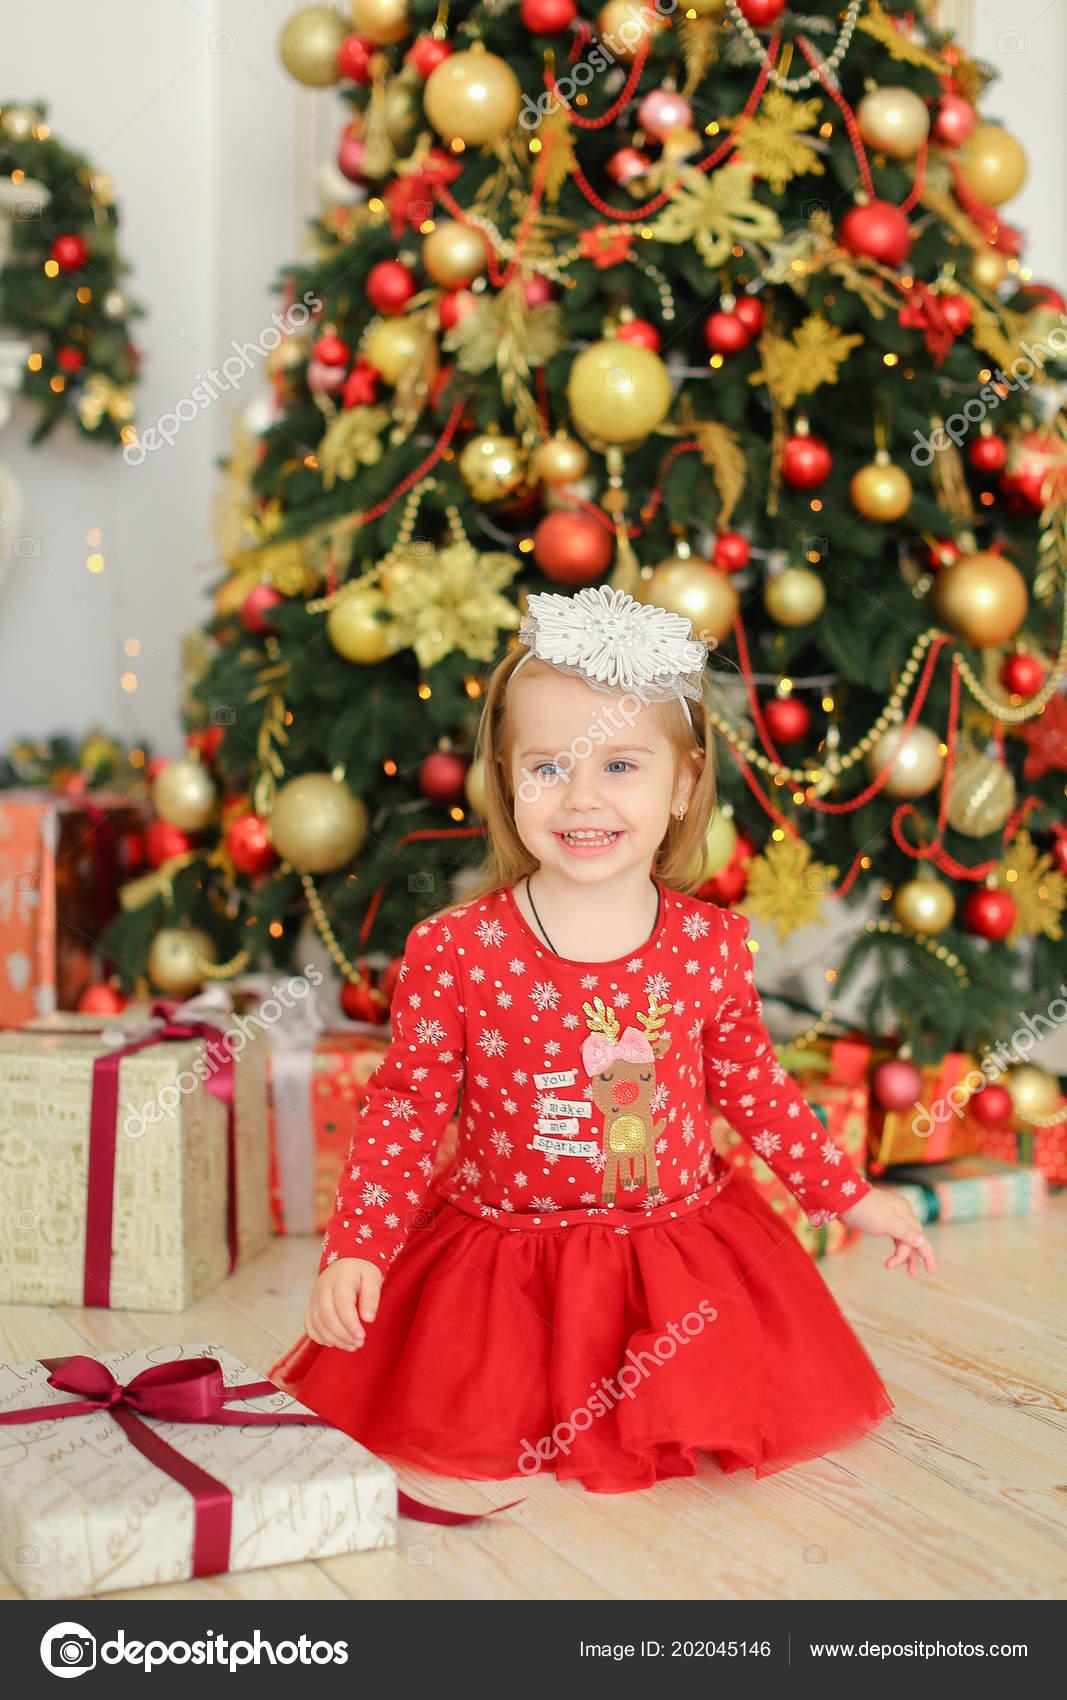 fe494ee991 Sonriente mujer niño vestido rojo sentado en el piso cerca de regalos y el  árbol de Navidad. Concepto de invierno días de fiesta inspiración y  presenta ...